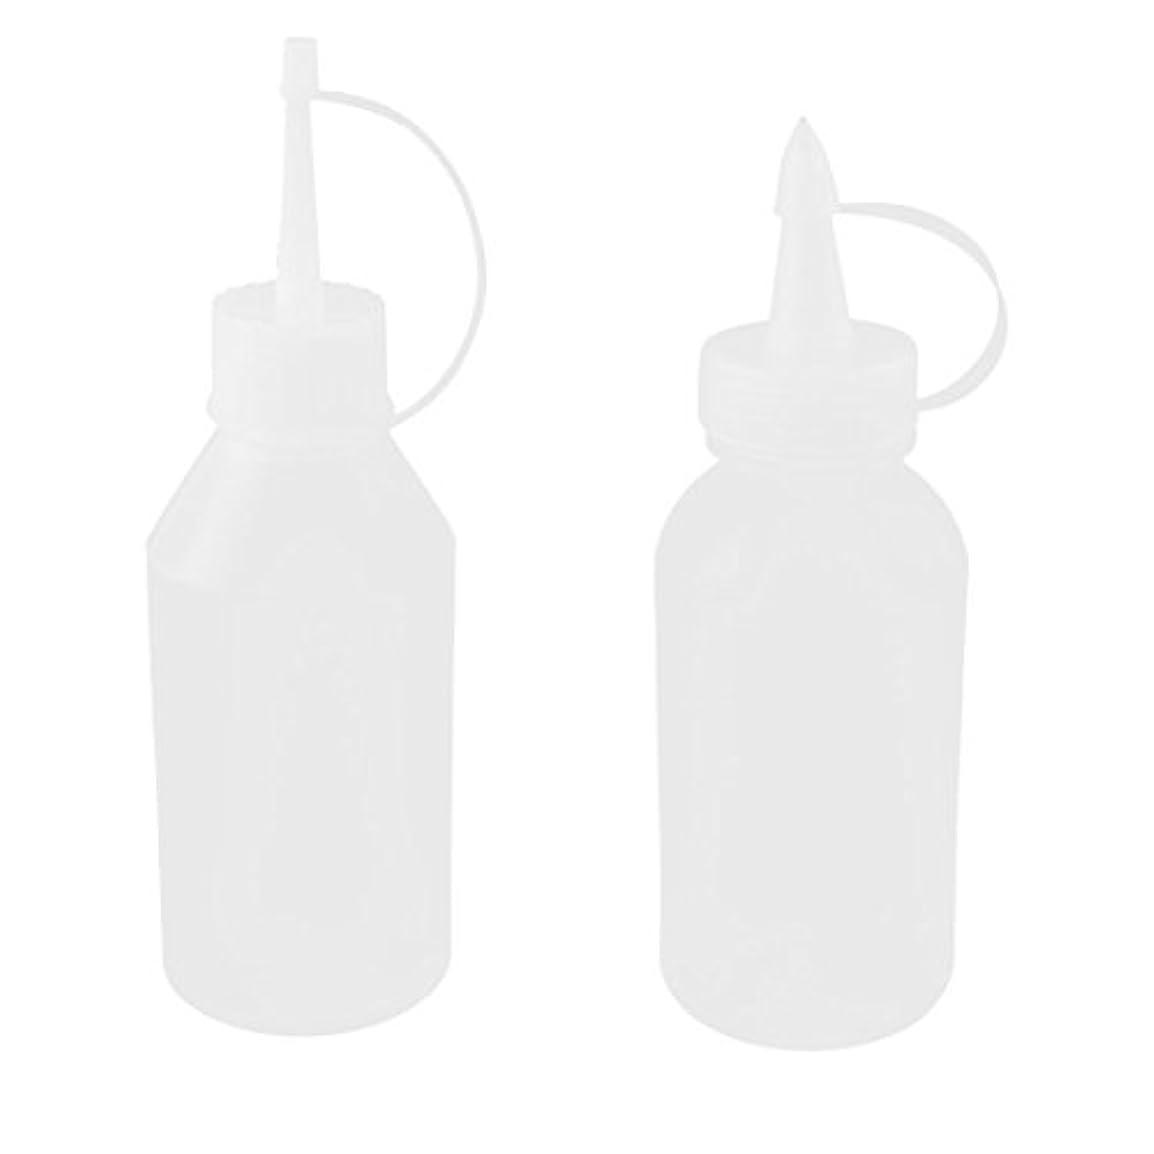 ストリーム叫び声トレッドuxcell オイルボトル 油差し プラスチック 100ml ホワイト クリア 2個